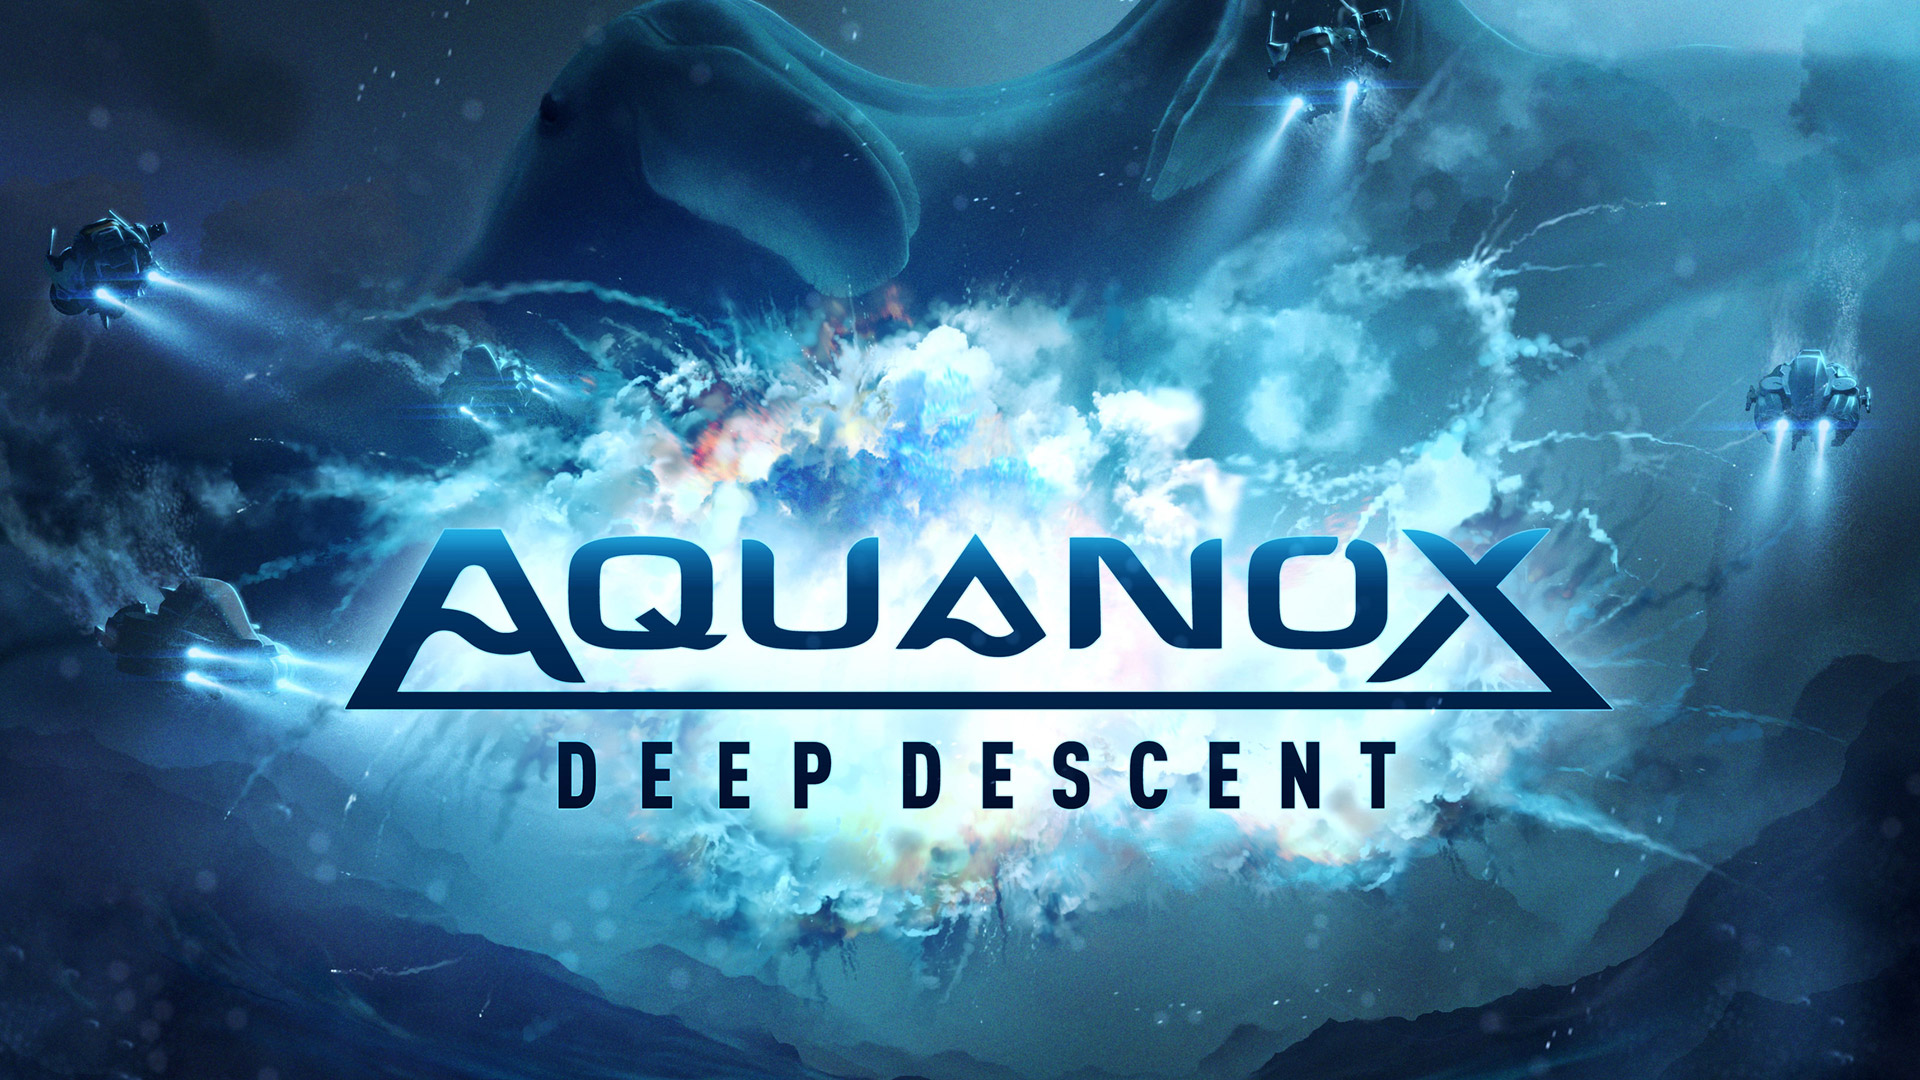 Free Aquanox Deep Descent Wallpaper in 1920x1080